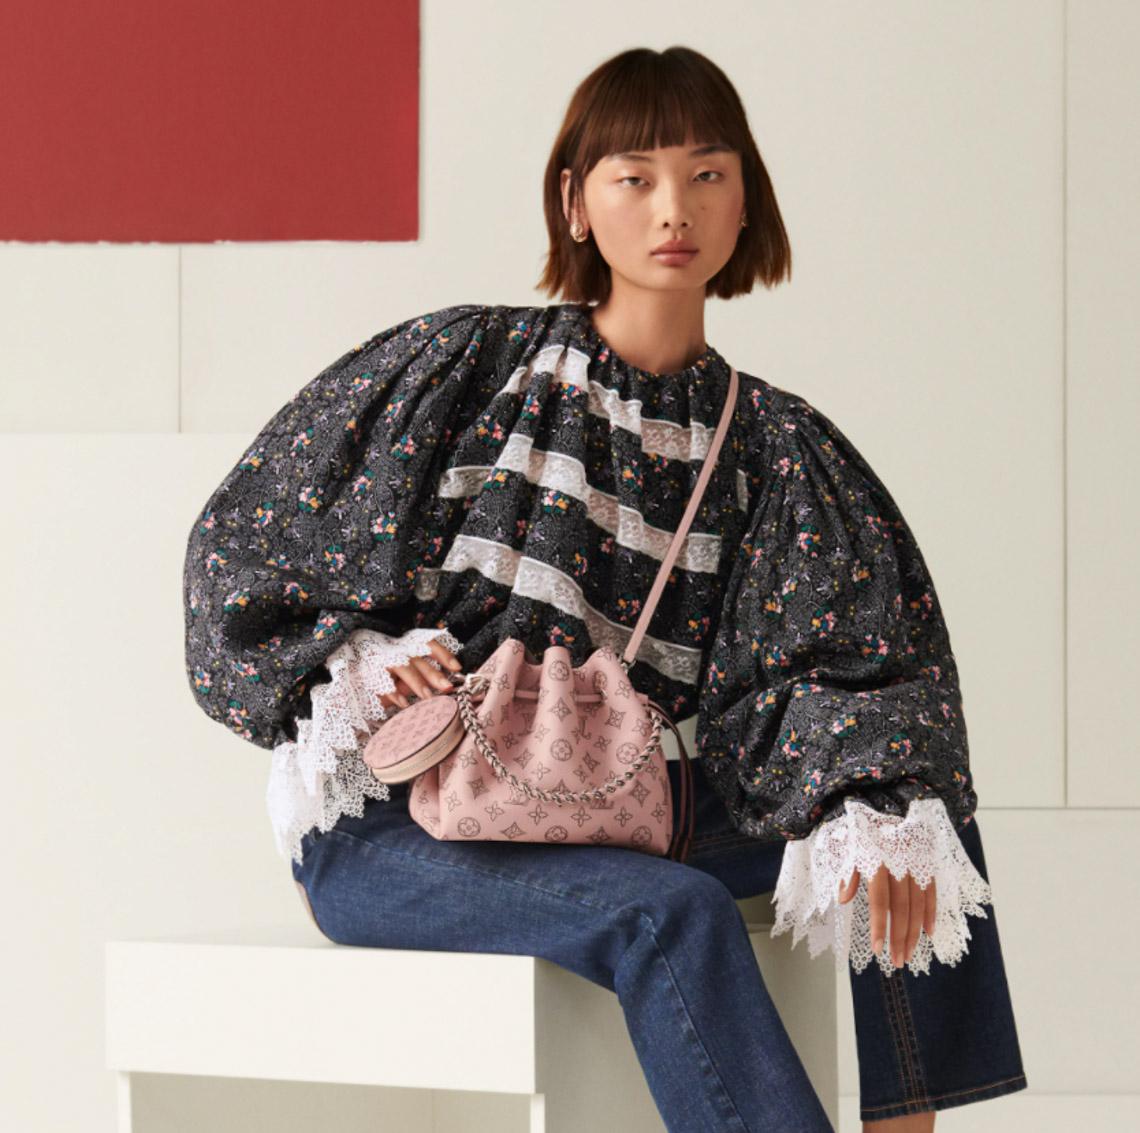 Louis Vuitton ra mắt Bella Bag, mẫu túi bucket mùa thu đông 2020 - 2